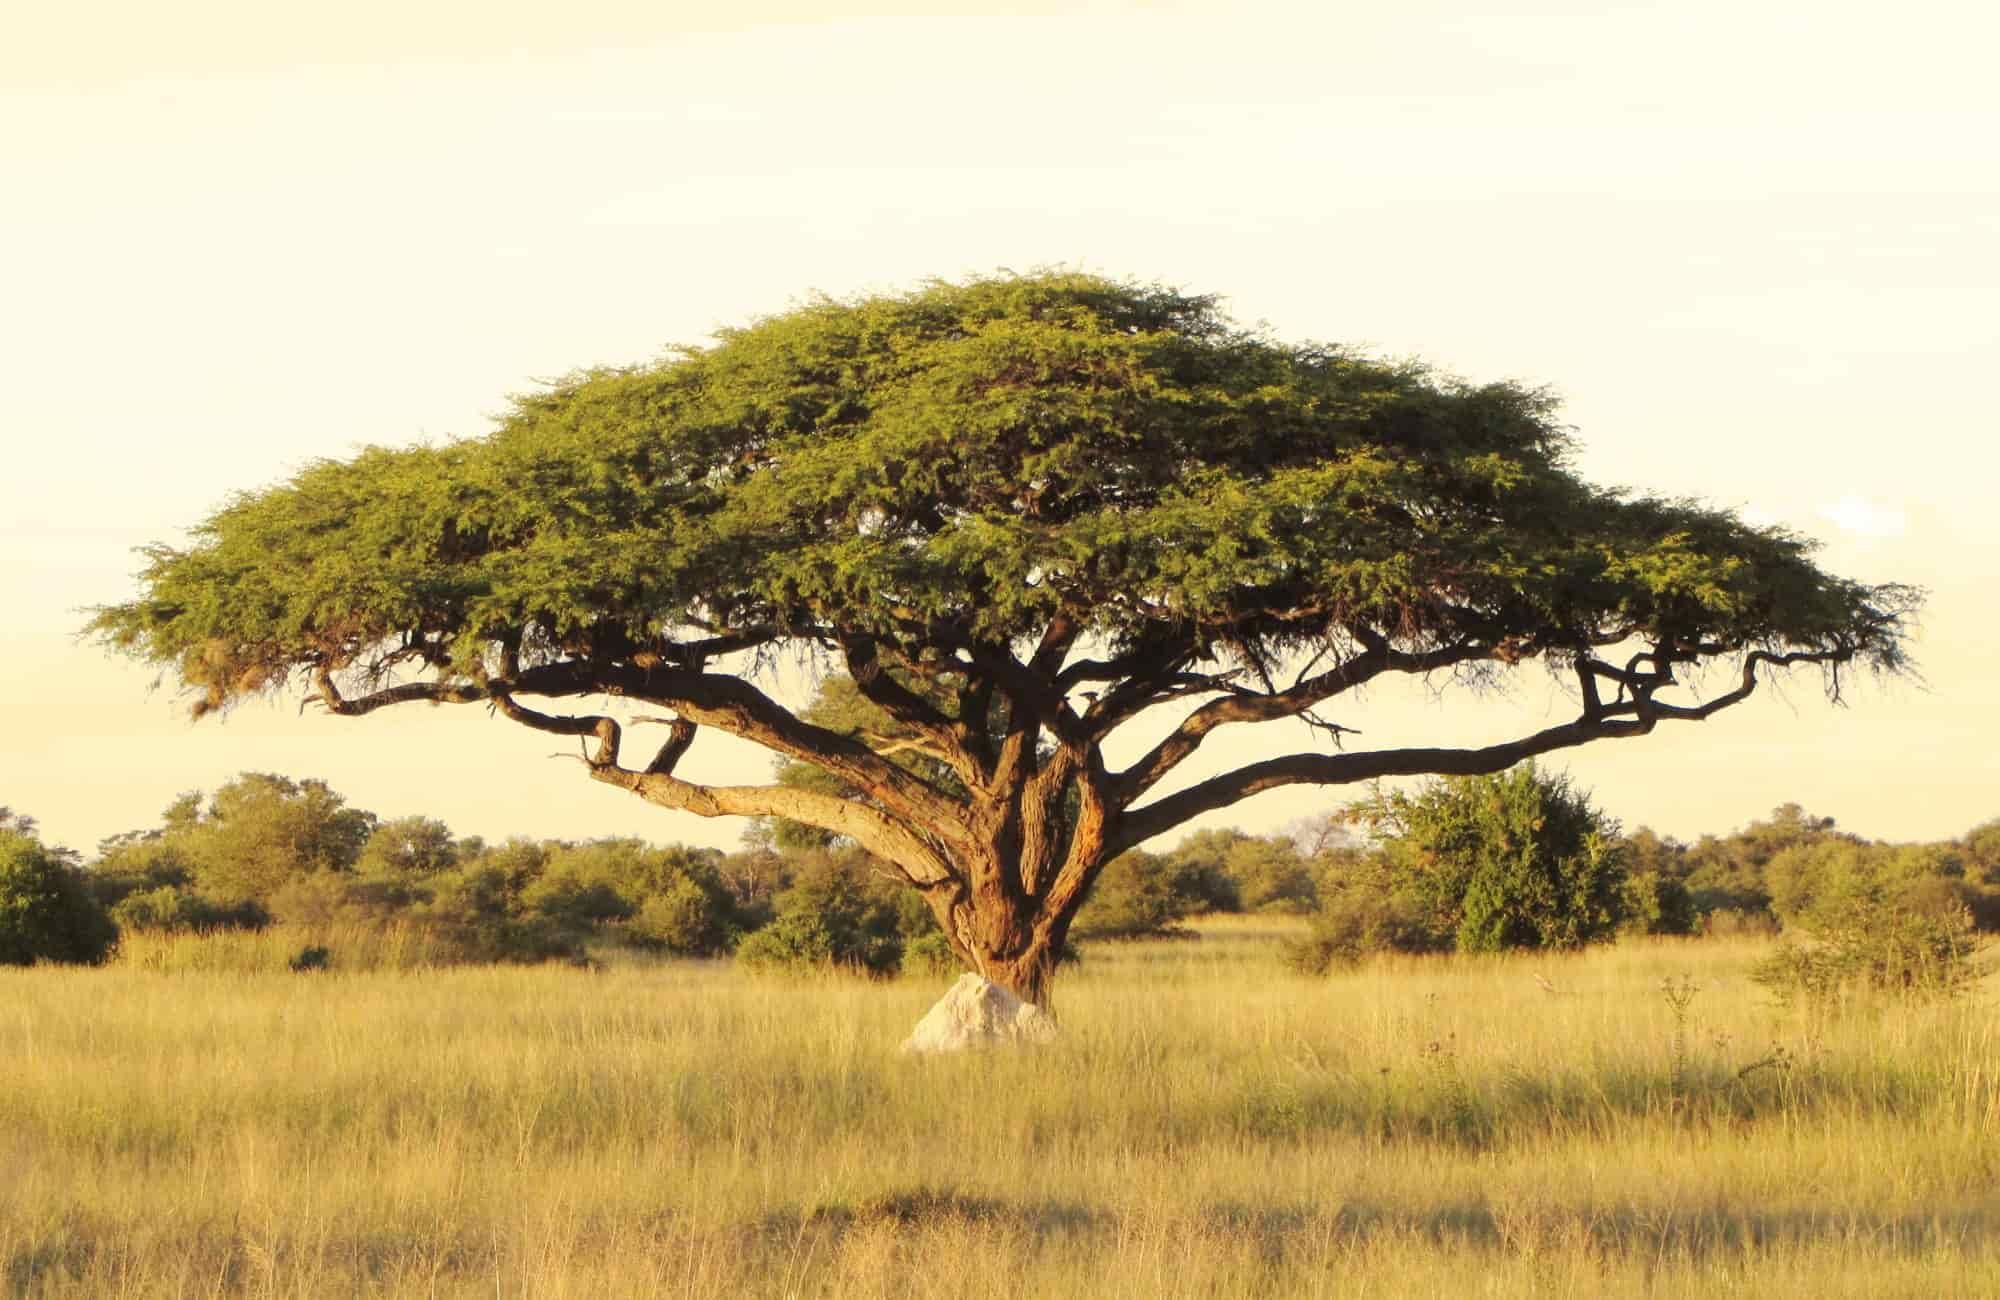 Voyage Zimbabwe - Acacia Parc national Hwange - Amplitudes